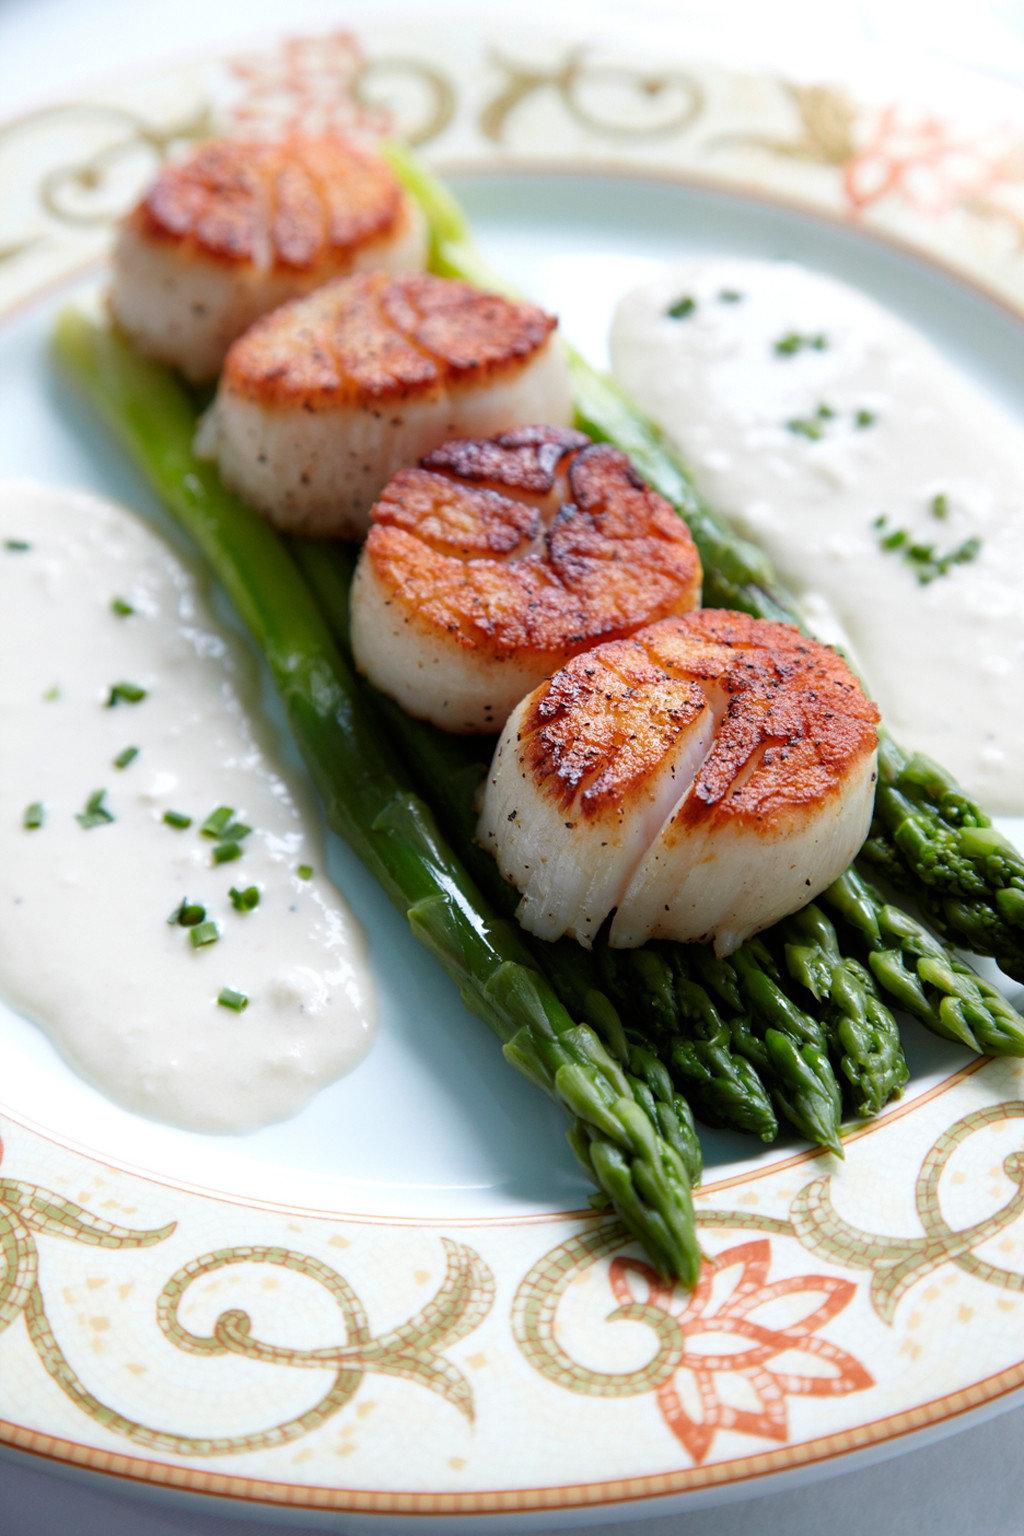 Dining Eat Luxury plate food Seafood fish cuisine vegetable invertebrate animal source foods meat arranged